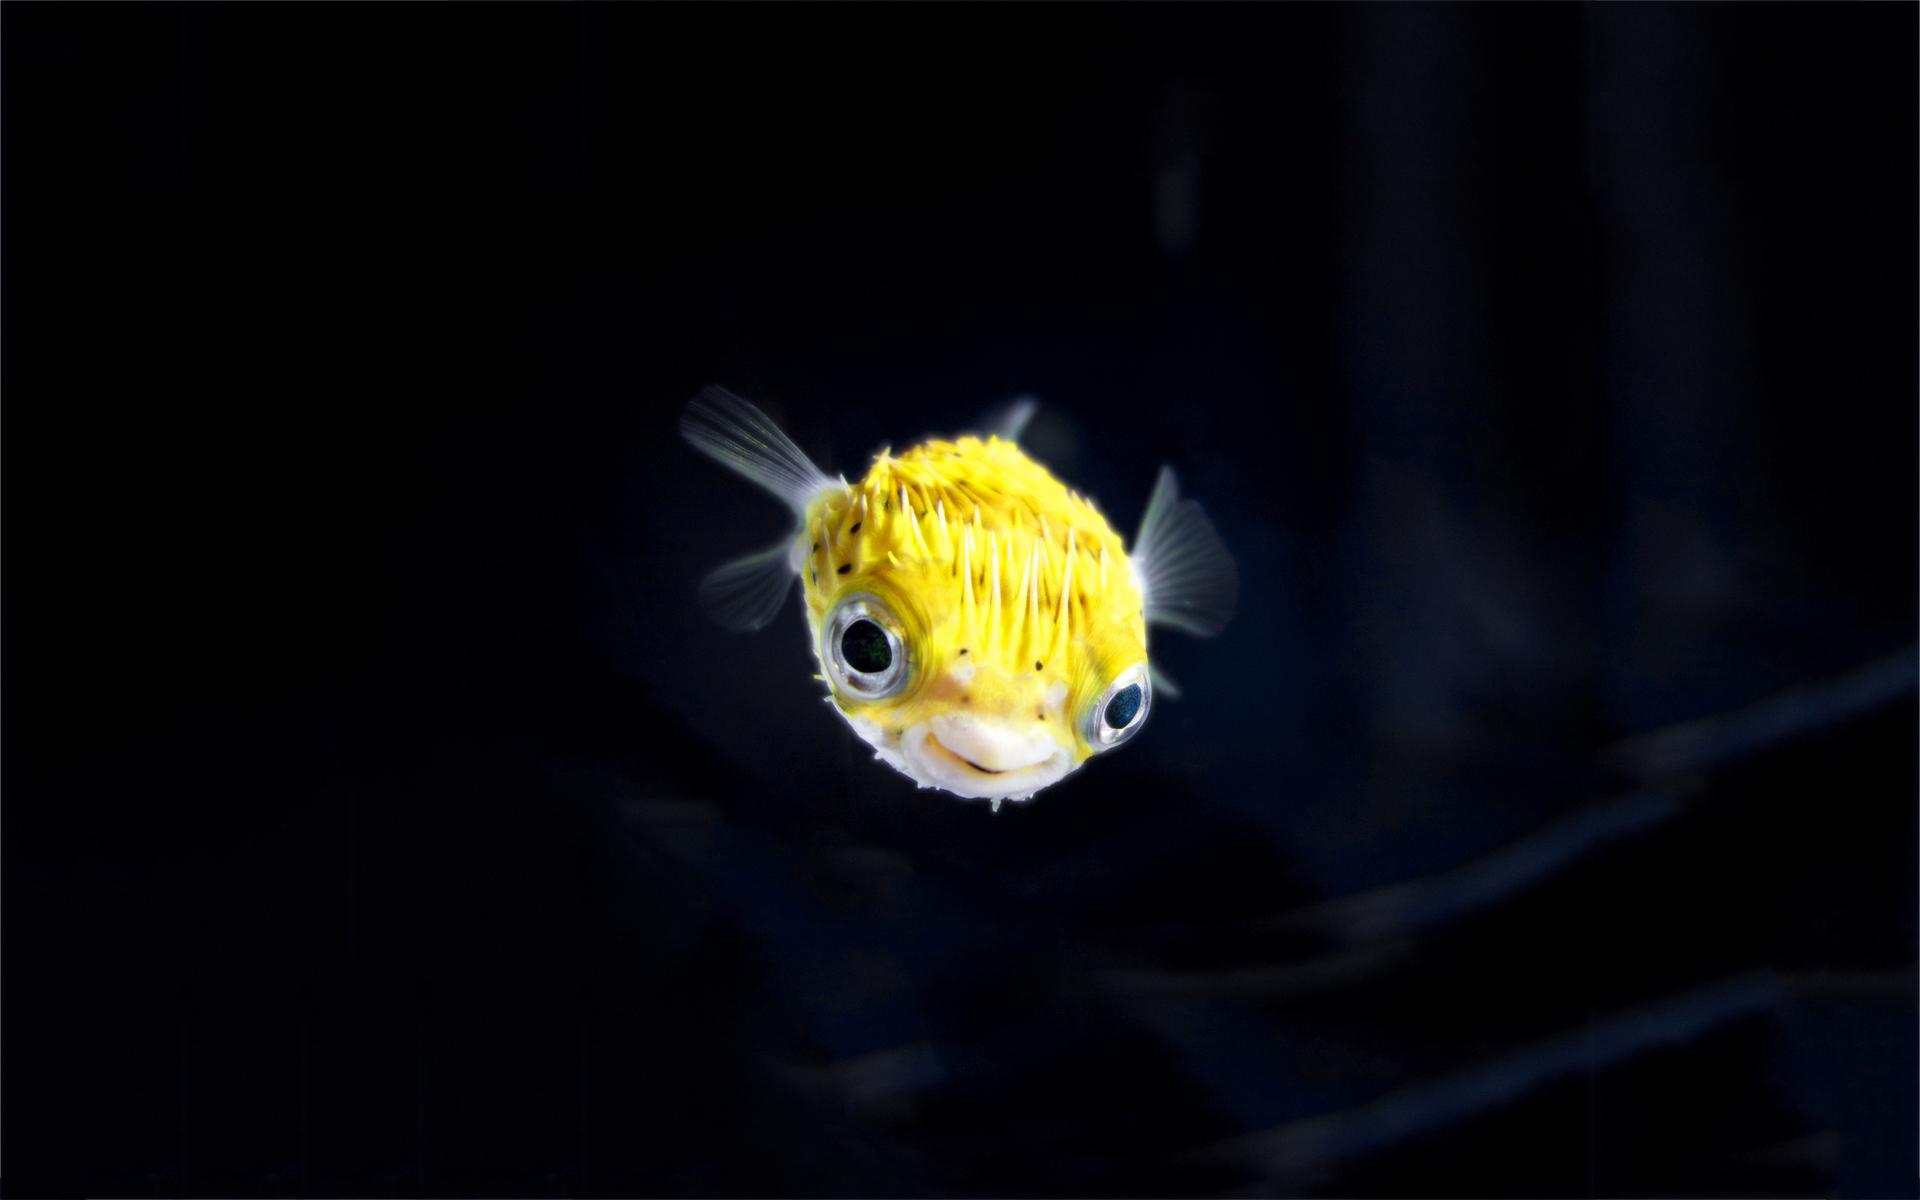 yellow blowfish